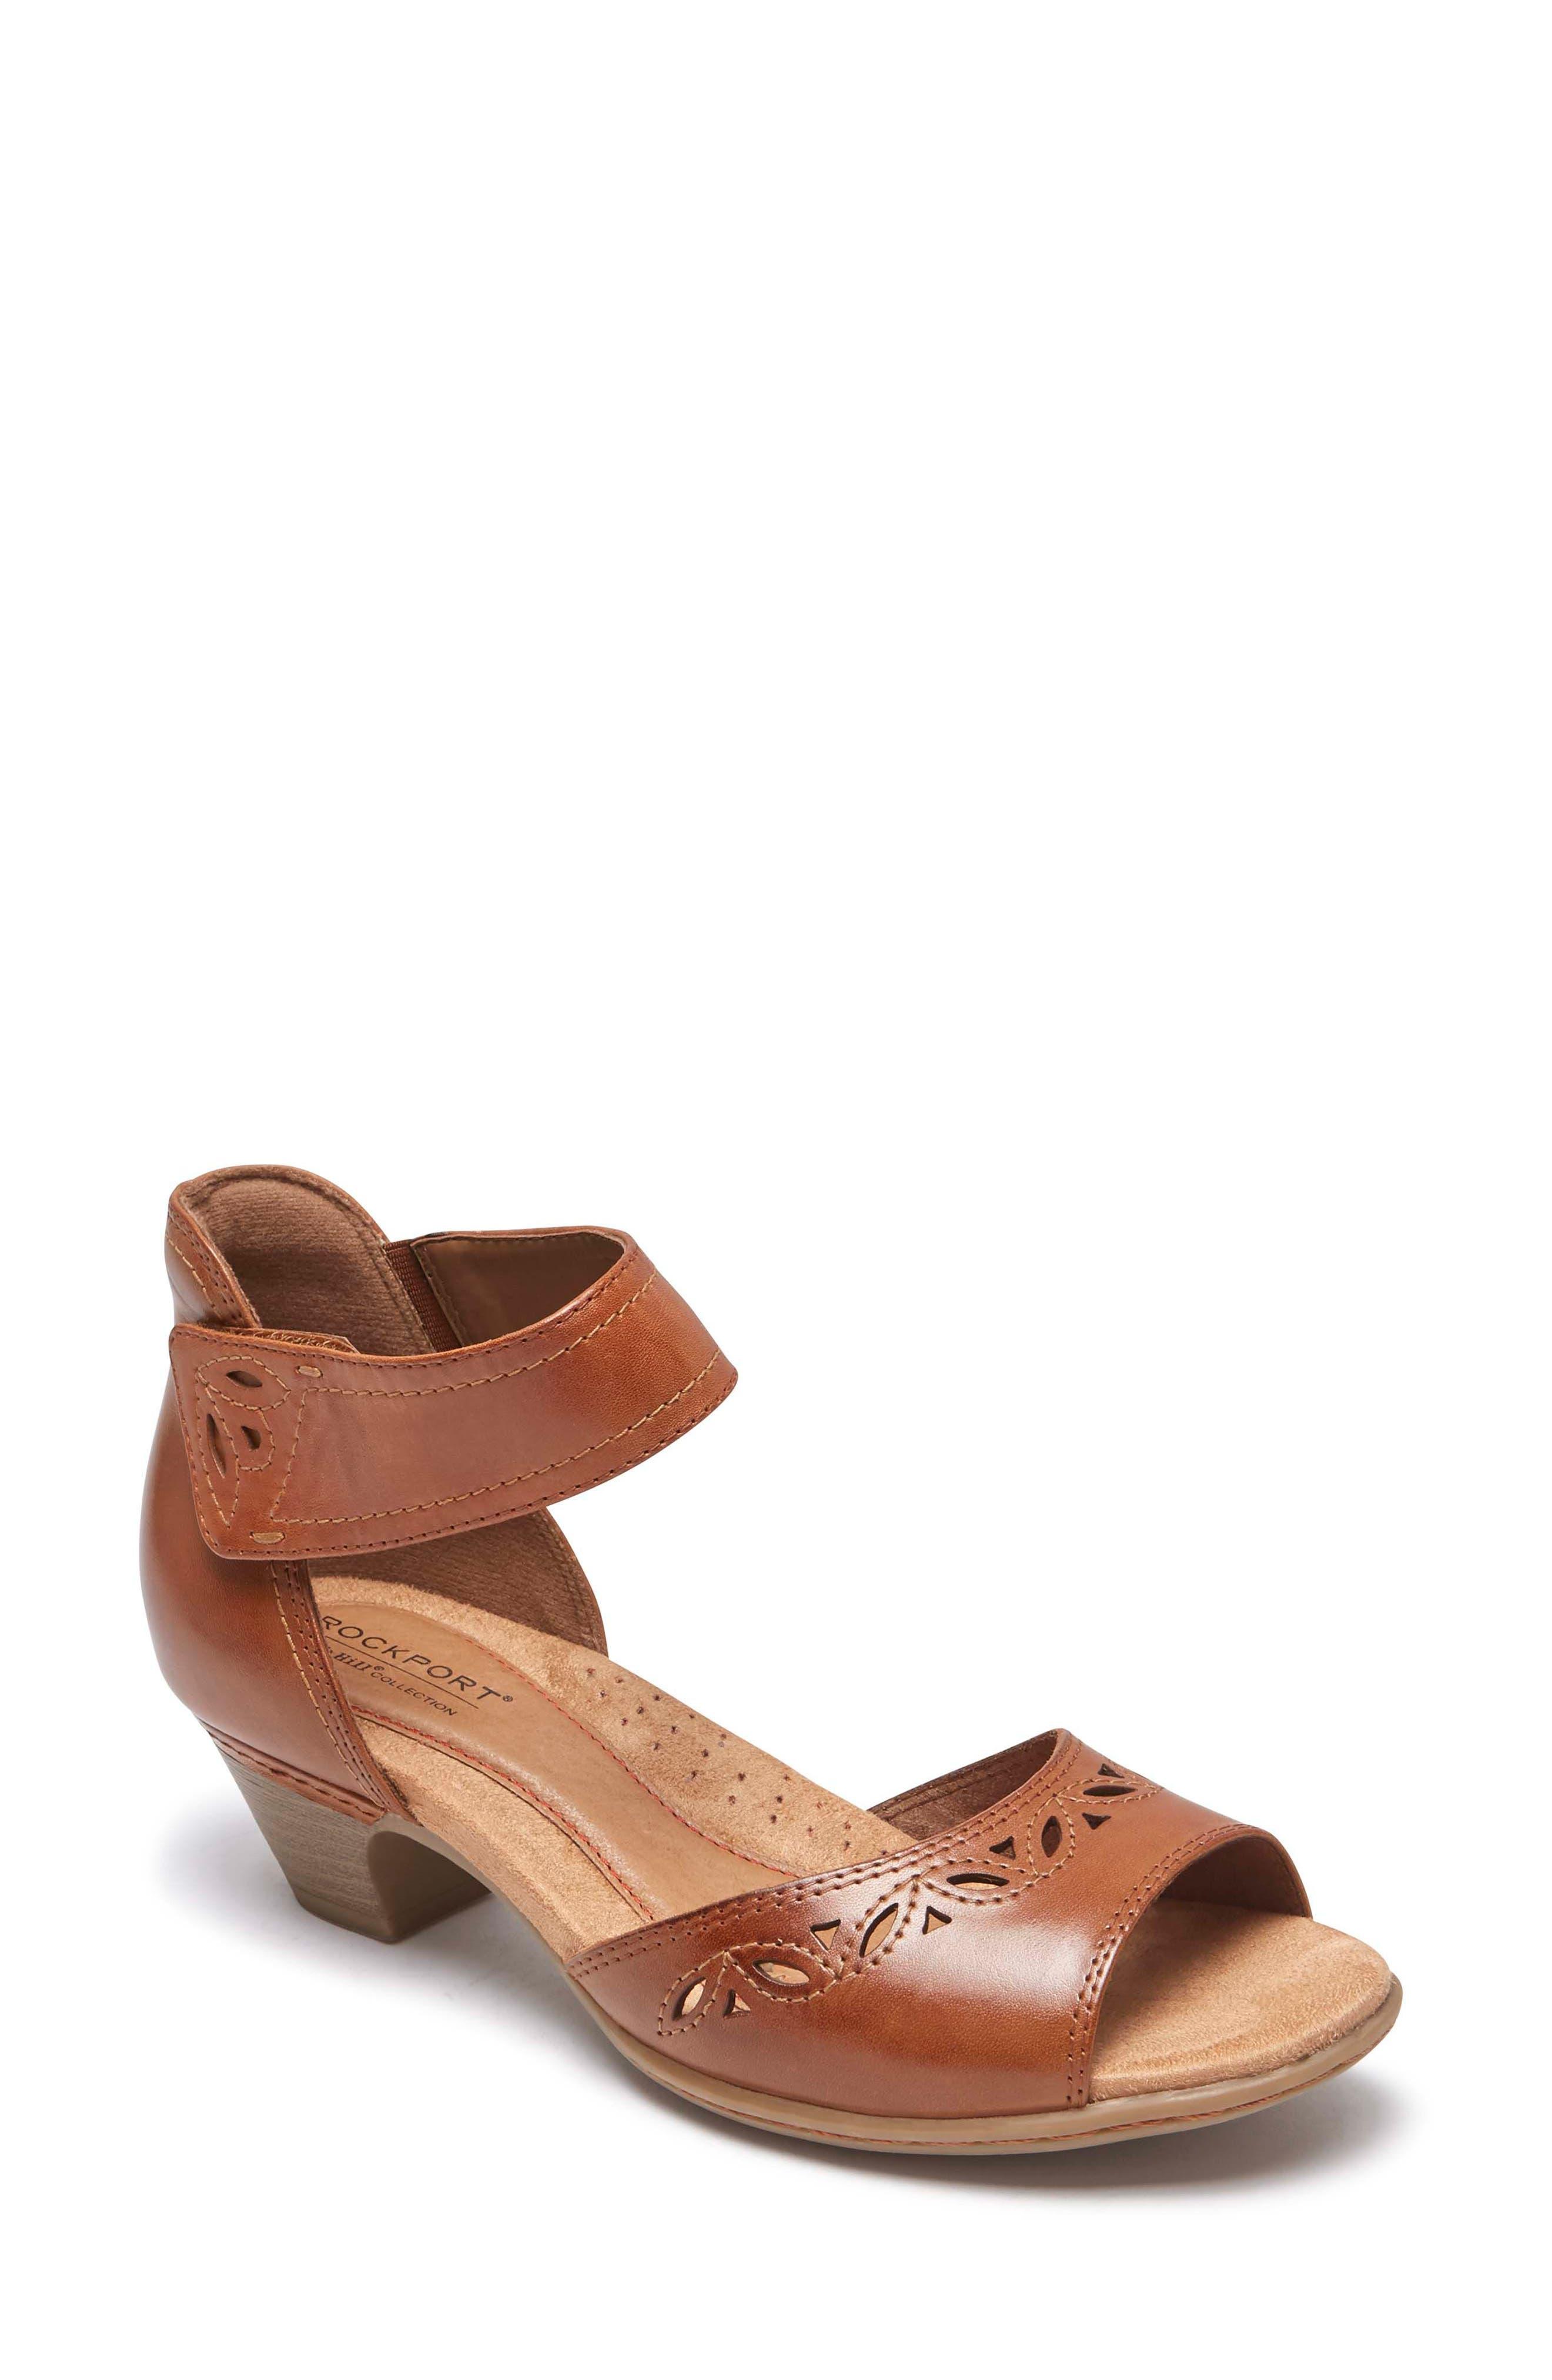 Rockport Women's Abbott Perforated Sandal